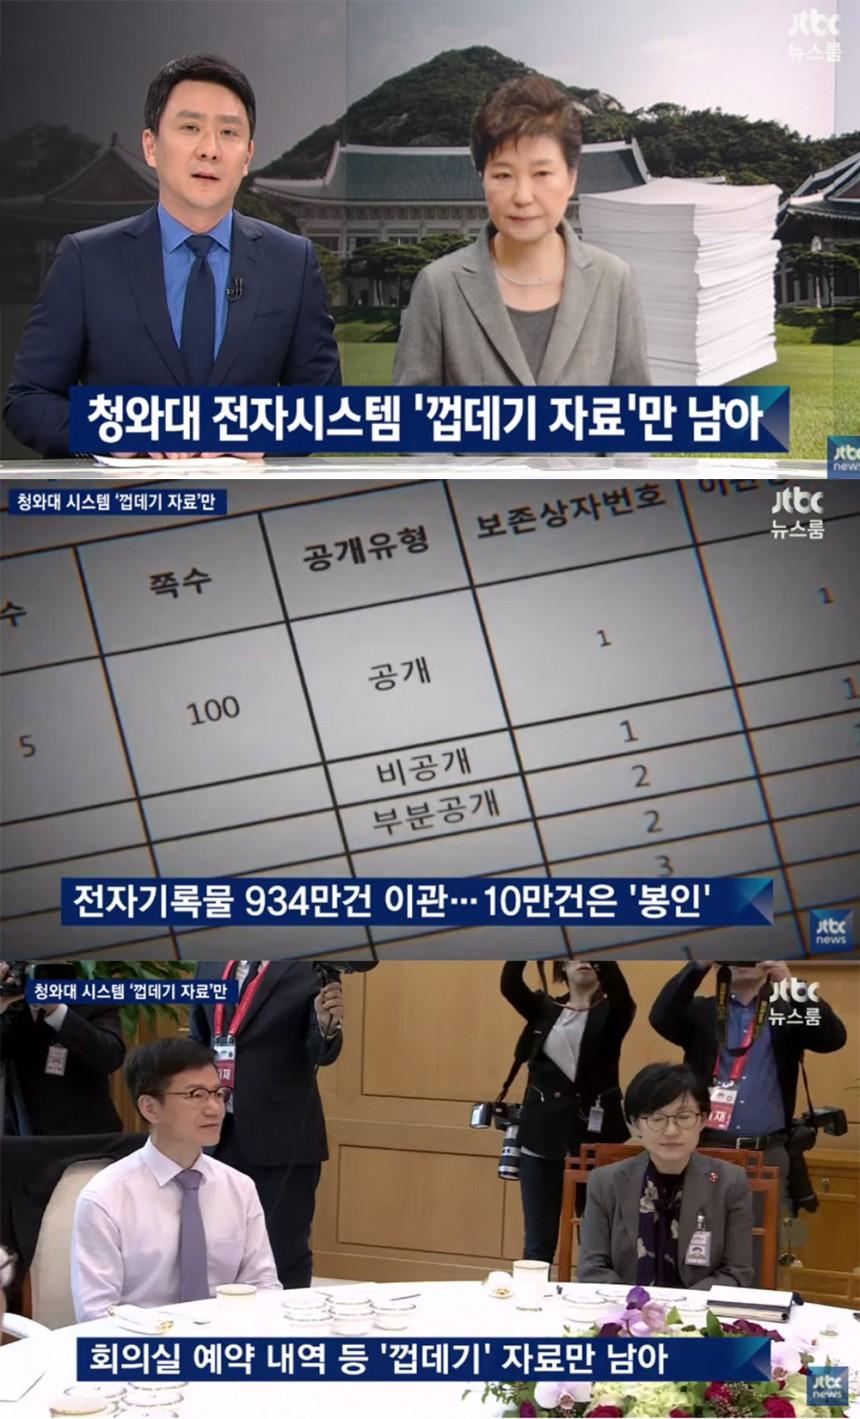 '뉴스룸' 방송 화면 / JTBC '뉴스룸' 방송 캡처